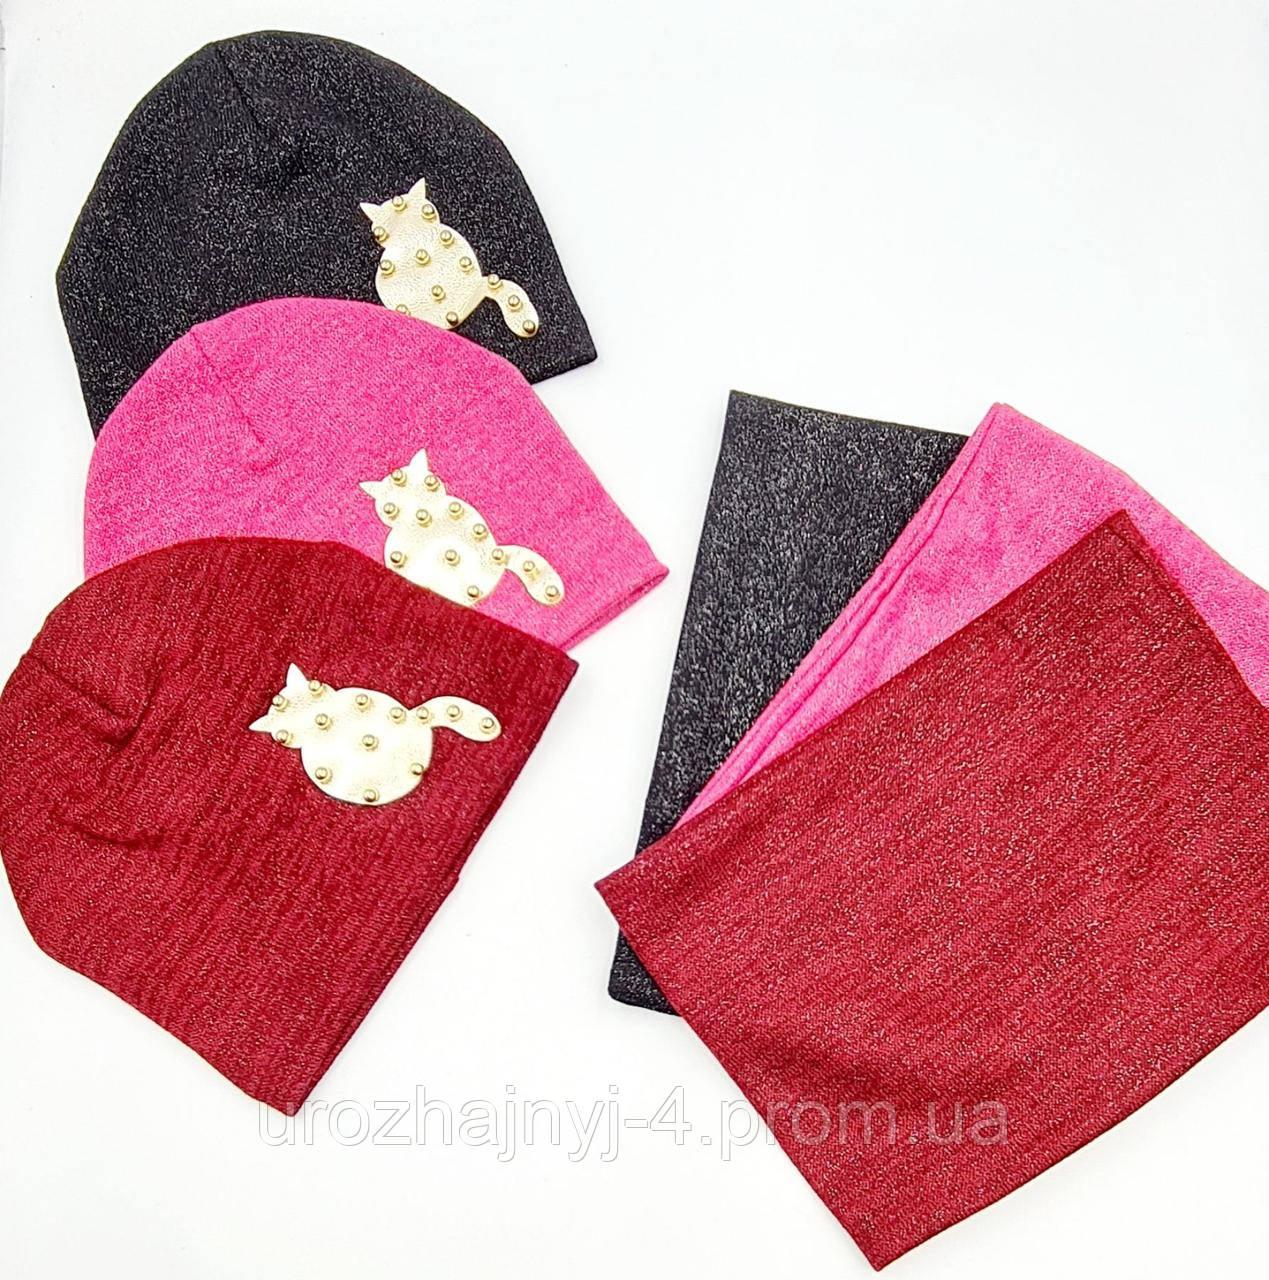 Дитяча шапка і хомут підкладка фліс 50-52 код 1022 Glory-kids